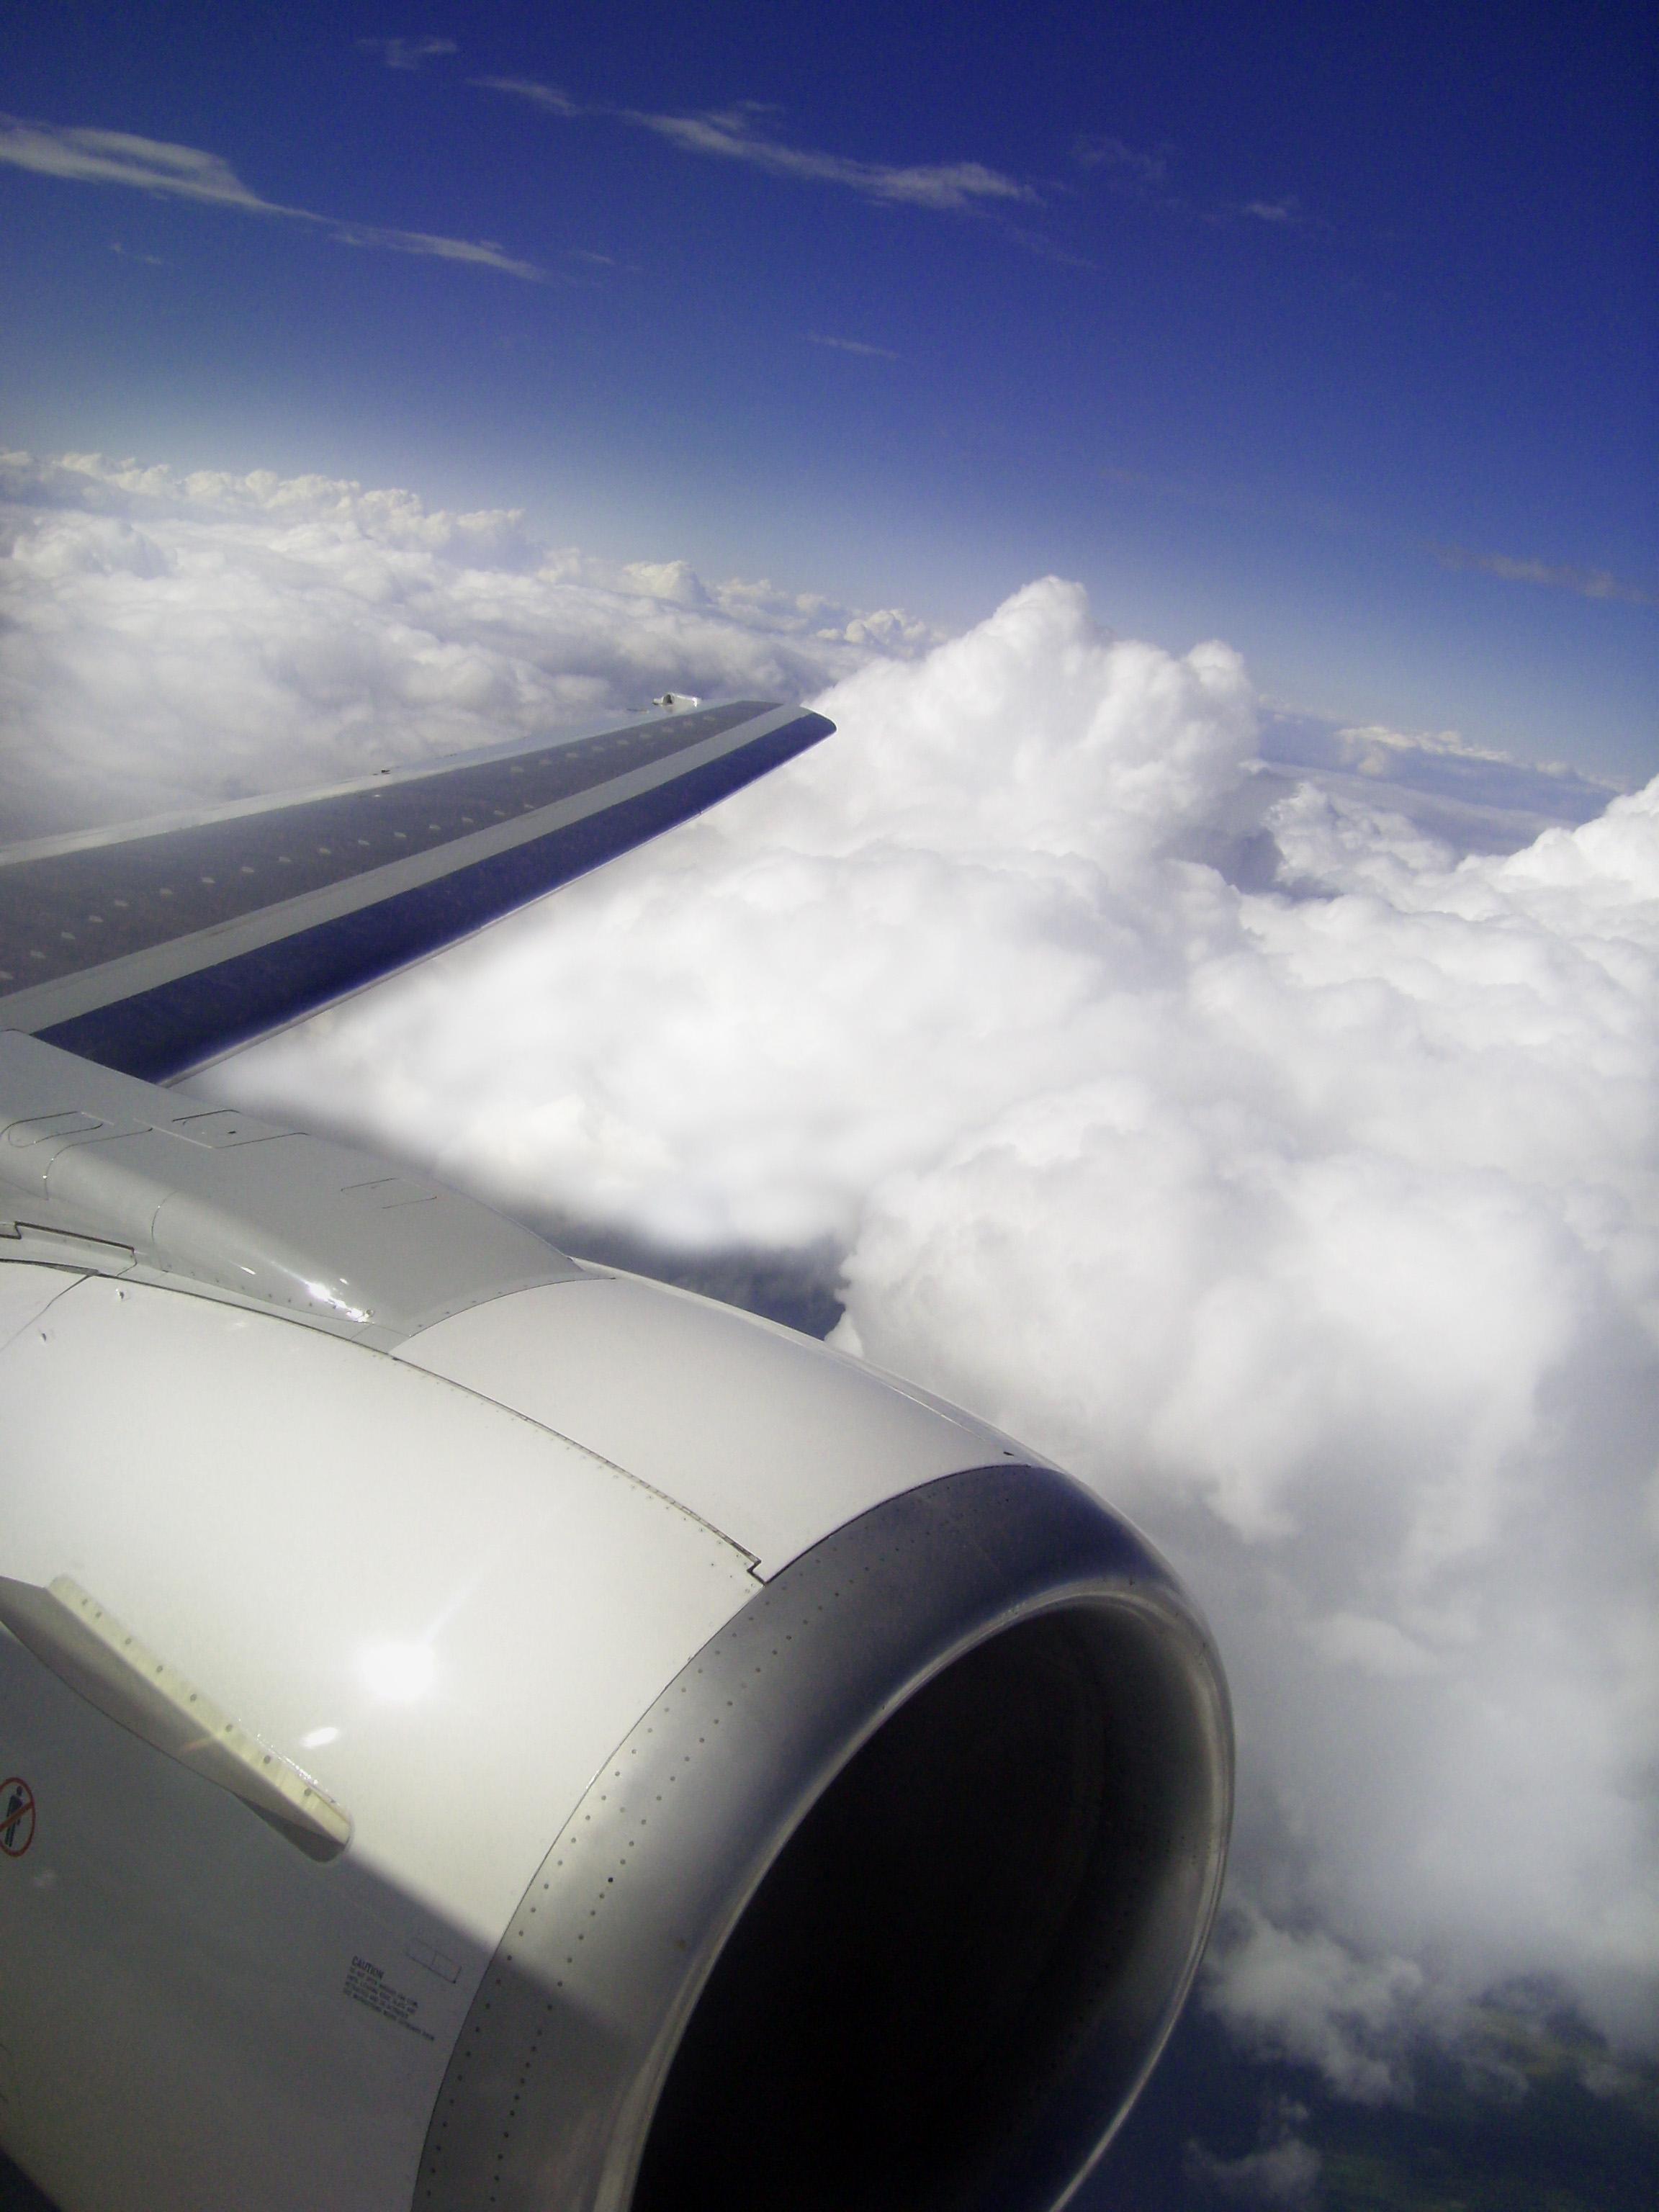 El cambio climático aumenta el riesgo de turbulencias severas en aviones